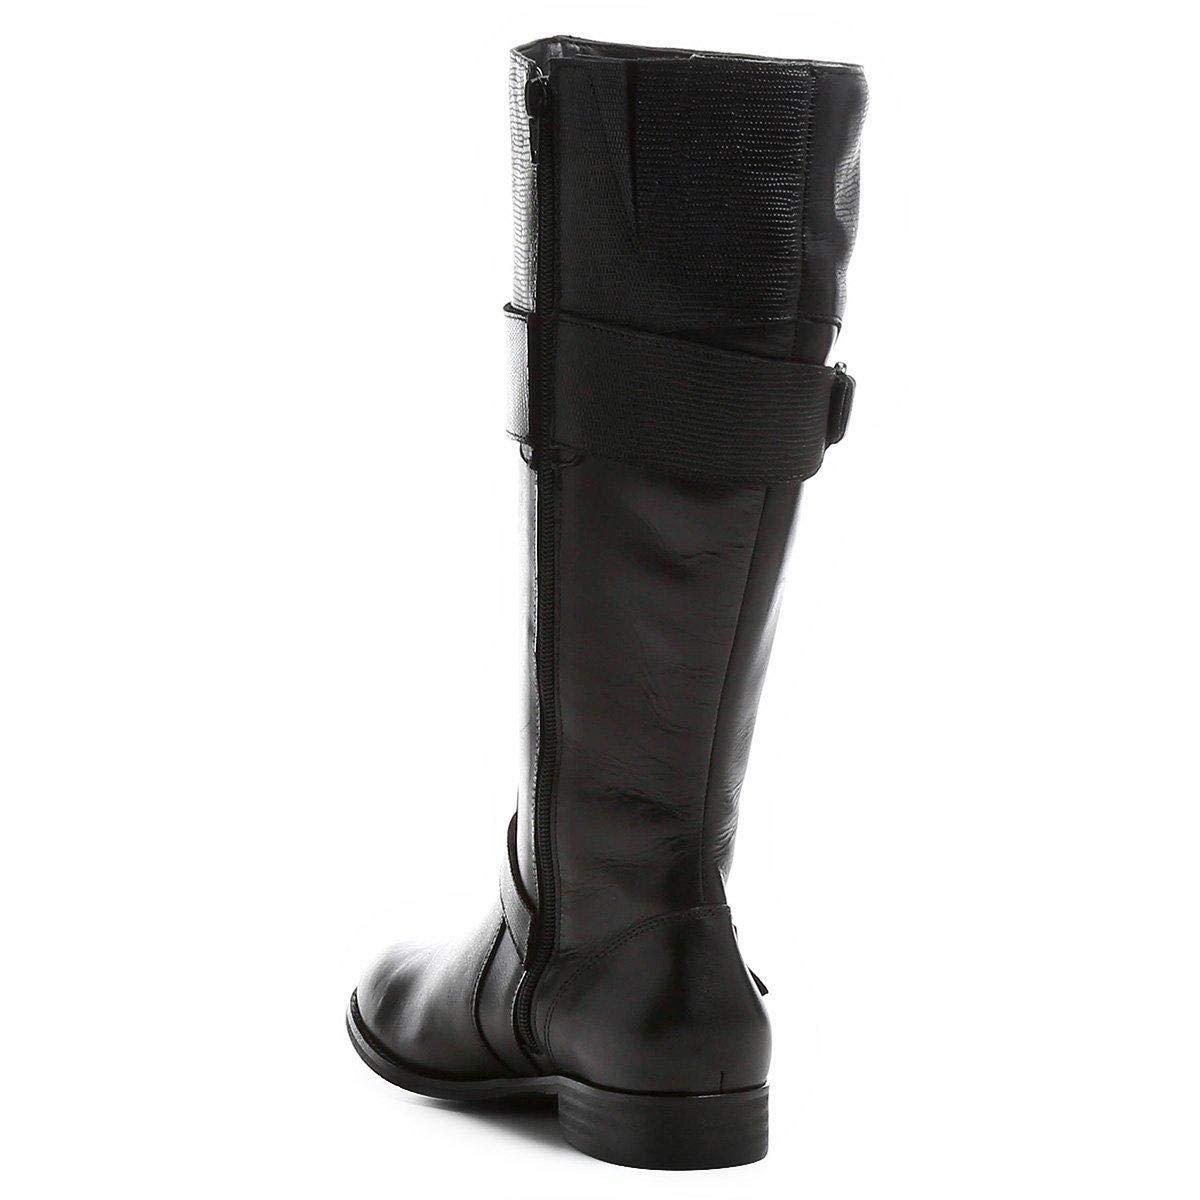 98a203077d Bota Couro Montaria Shoestock Cobra Feminina  Amazon.com.br  Amazon Moda